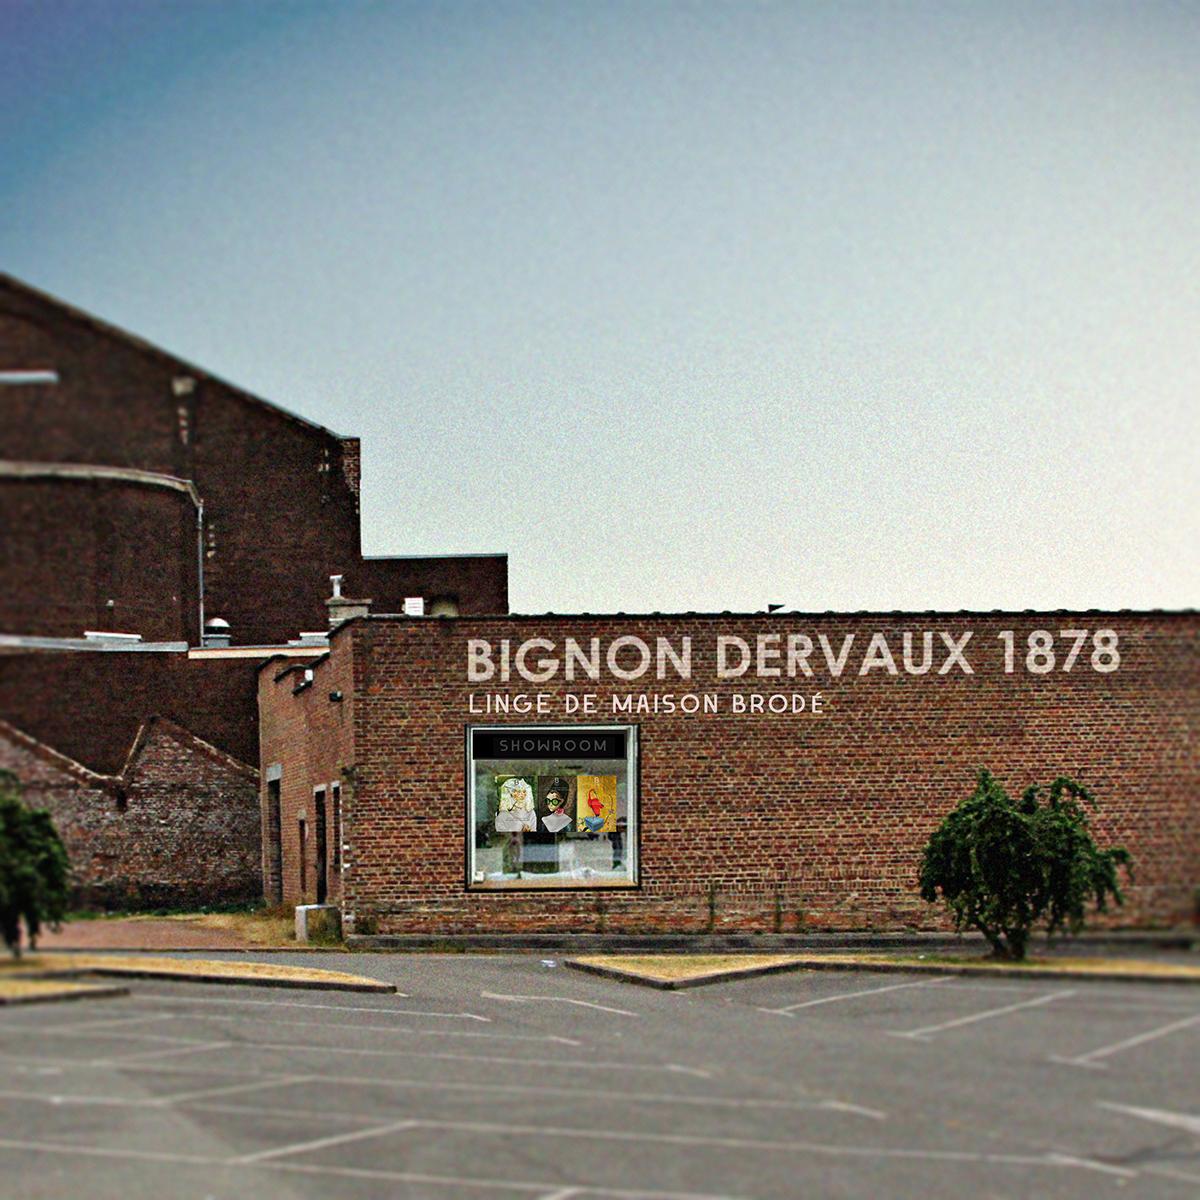 Bignon Dervaux 1878 Roubaix